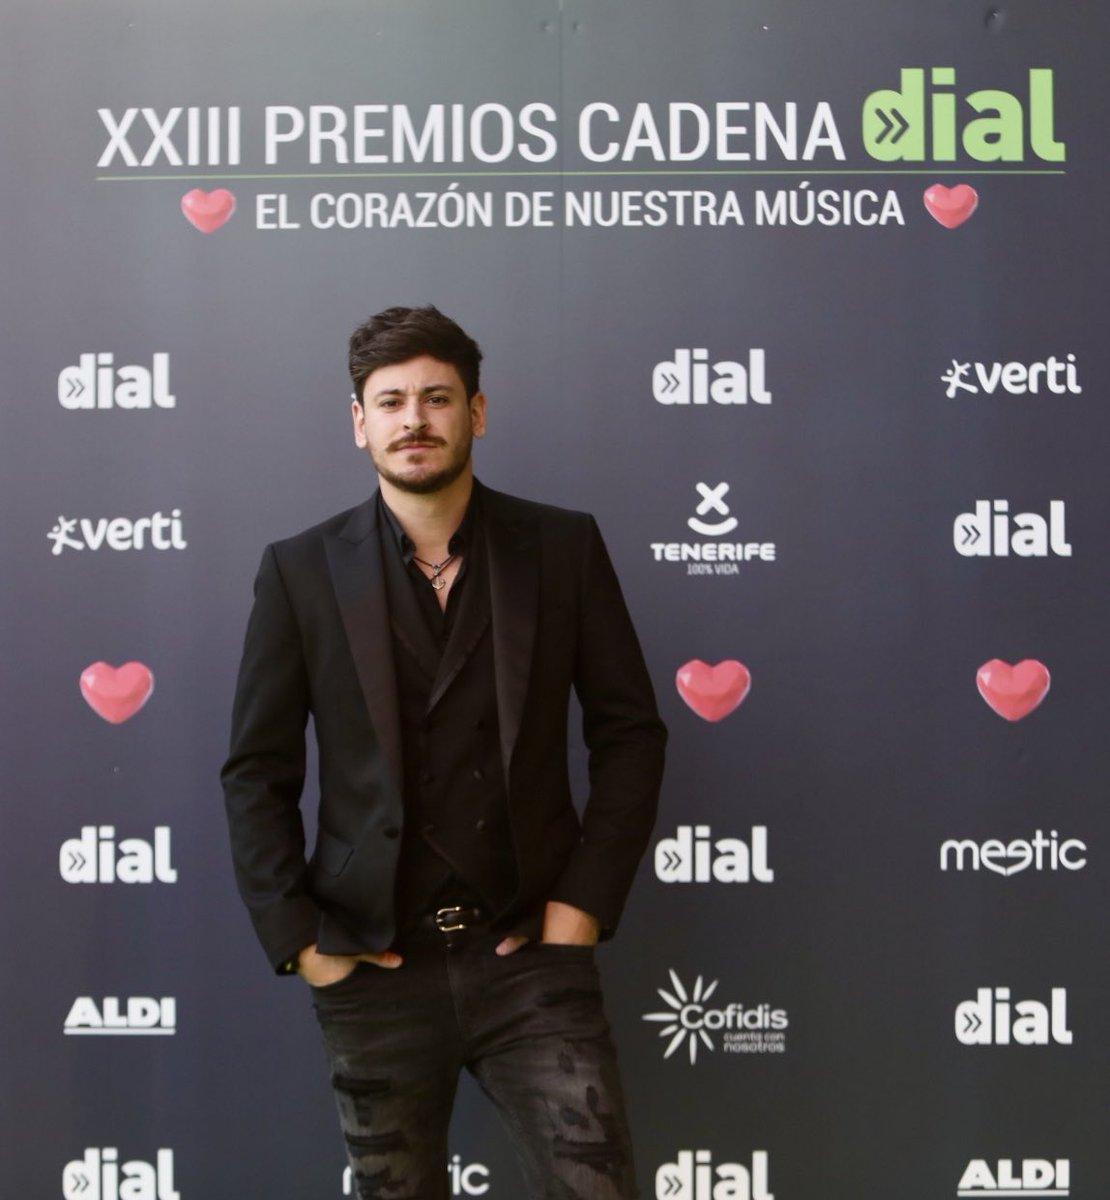 Seguimos echando un vistazo a los looks que nuestros artistas han elegido para los #PremiosDIAL 2019   ¡Hemos fichado a @cepedaoficial ! 😍 #ElCorazonDeNuestraMusica